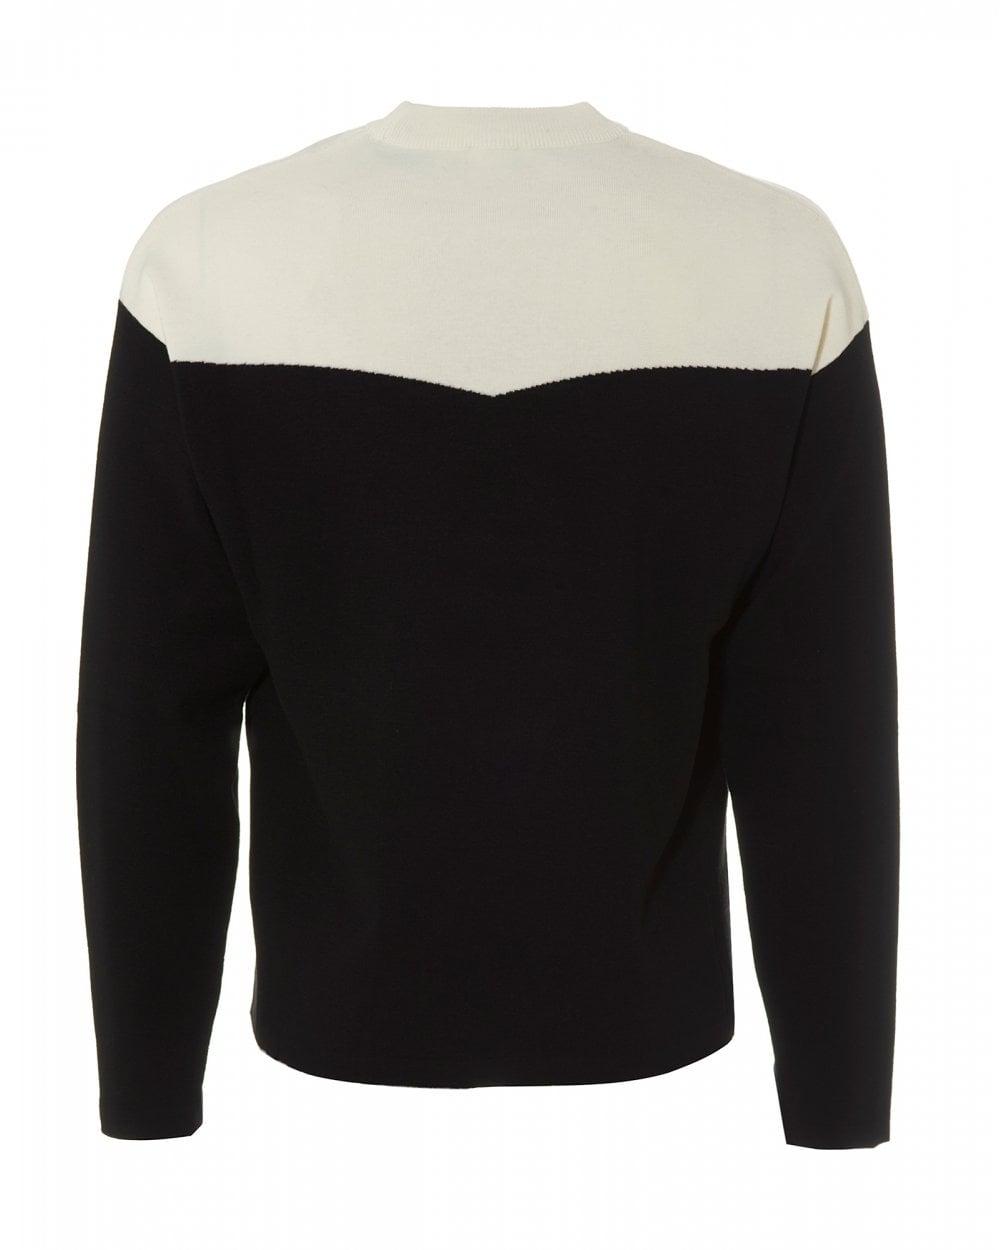 cfc1883a6 Kenzo Mens Dragon Colour Block Jumper, White Black Crew Neck Sweater